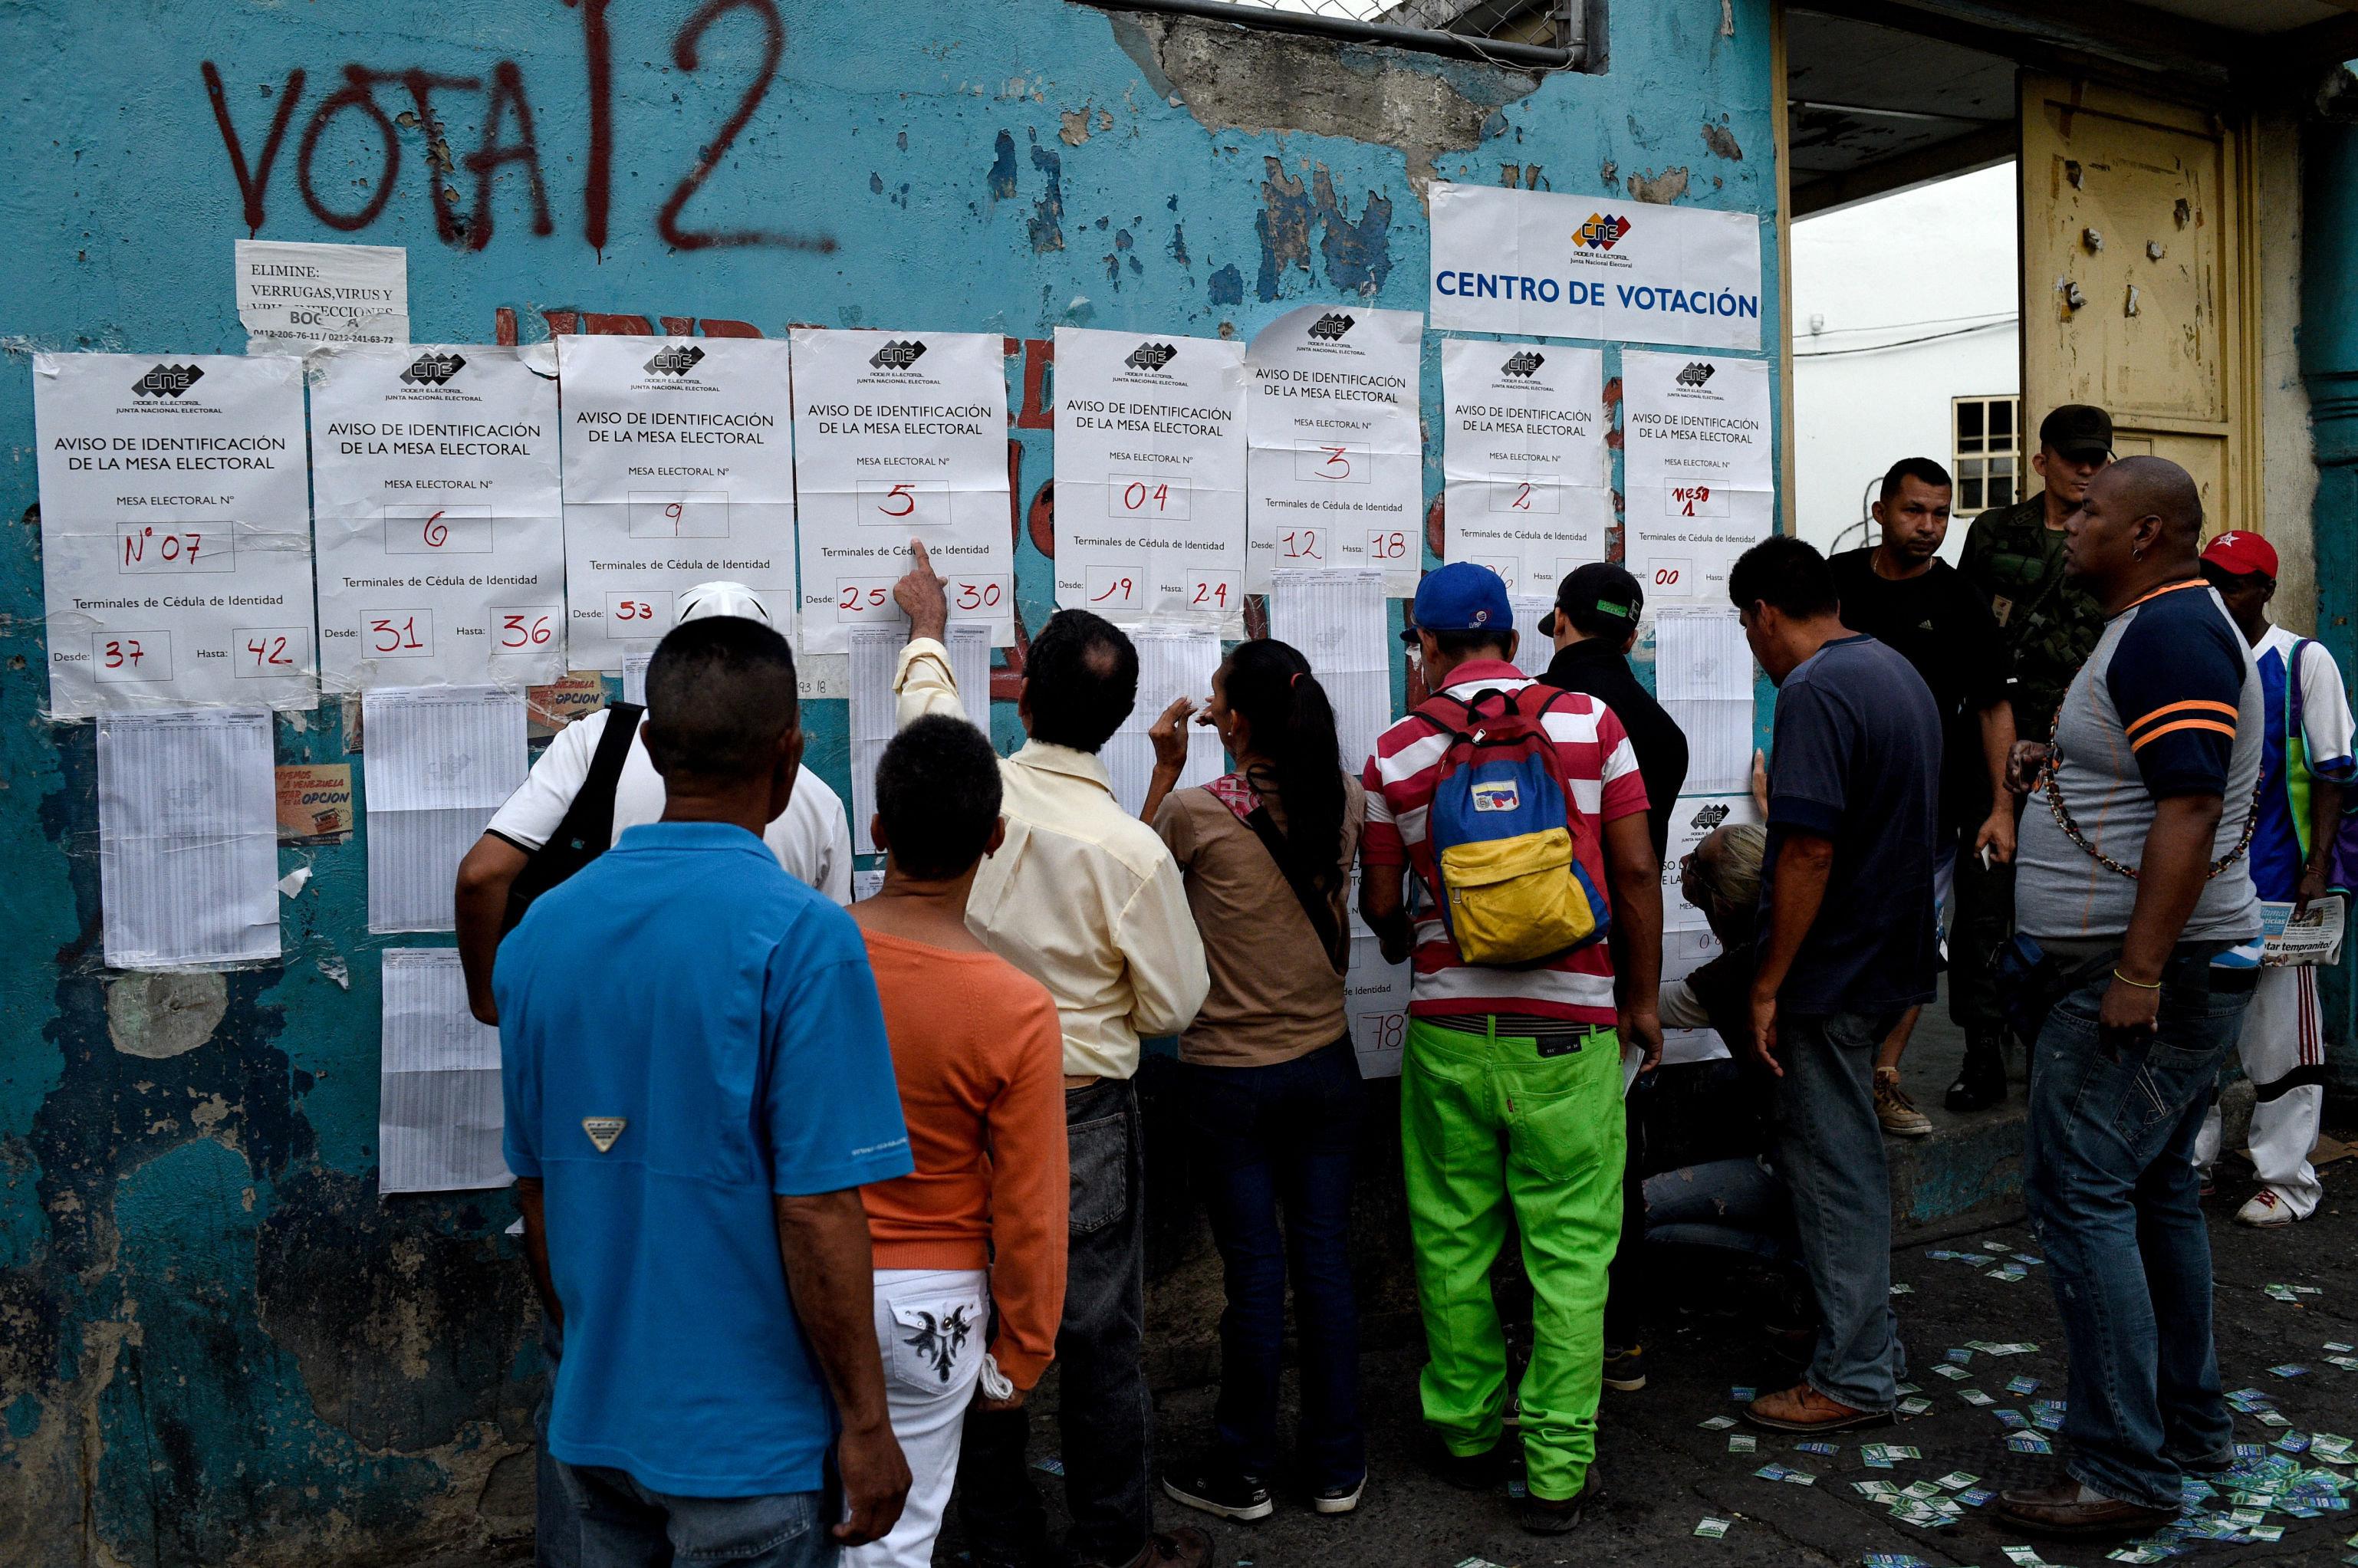 中國拒絕:美國施壓中國與委內瑞拉斷聯